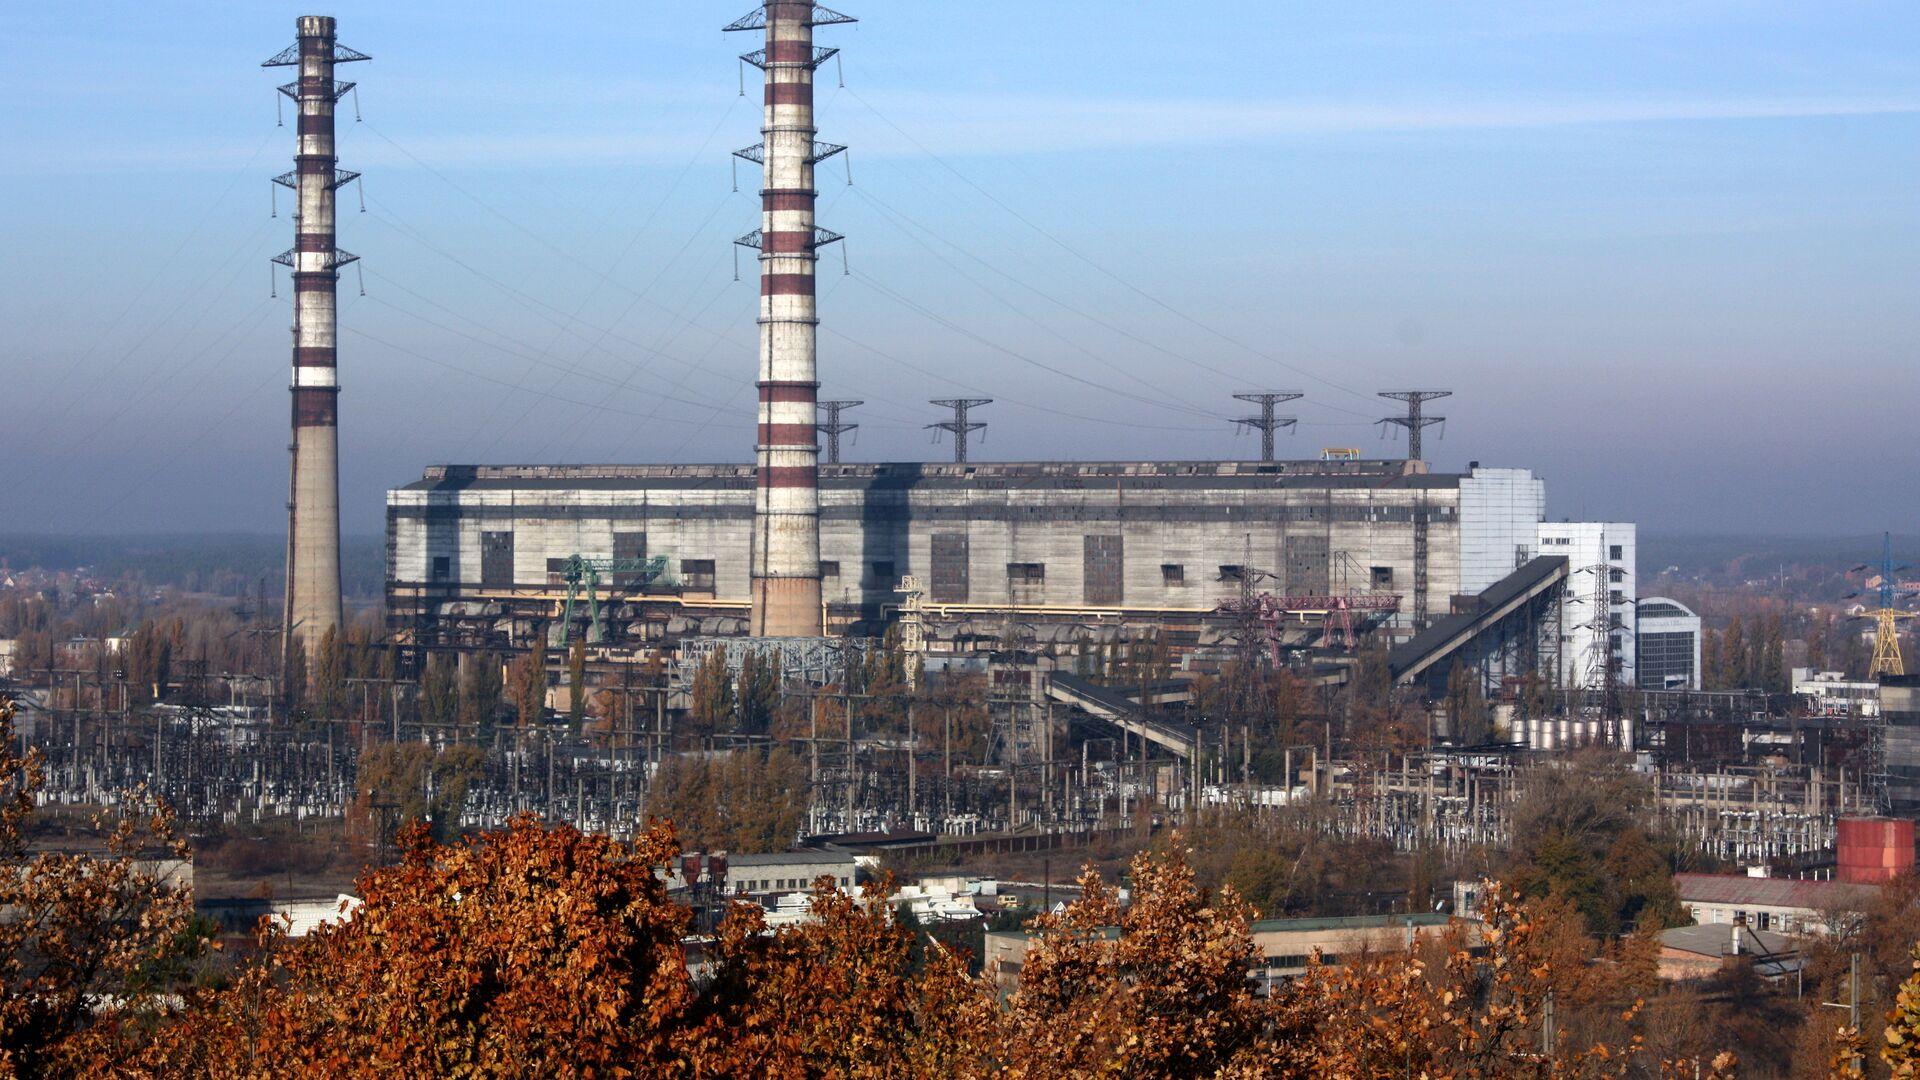 Трипольская тепловая электростанция  - РИА Новости, 1920, 07.02.2021